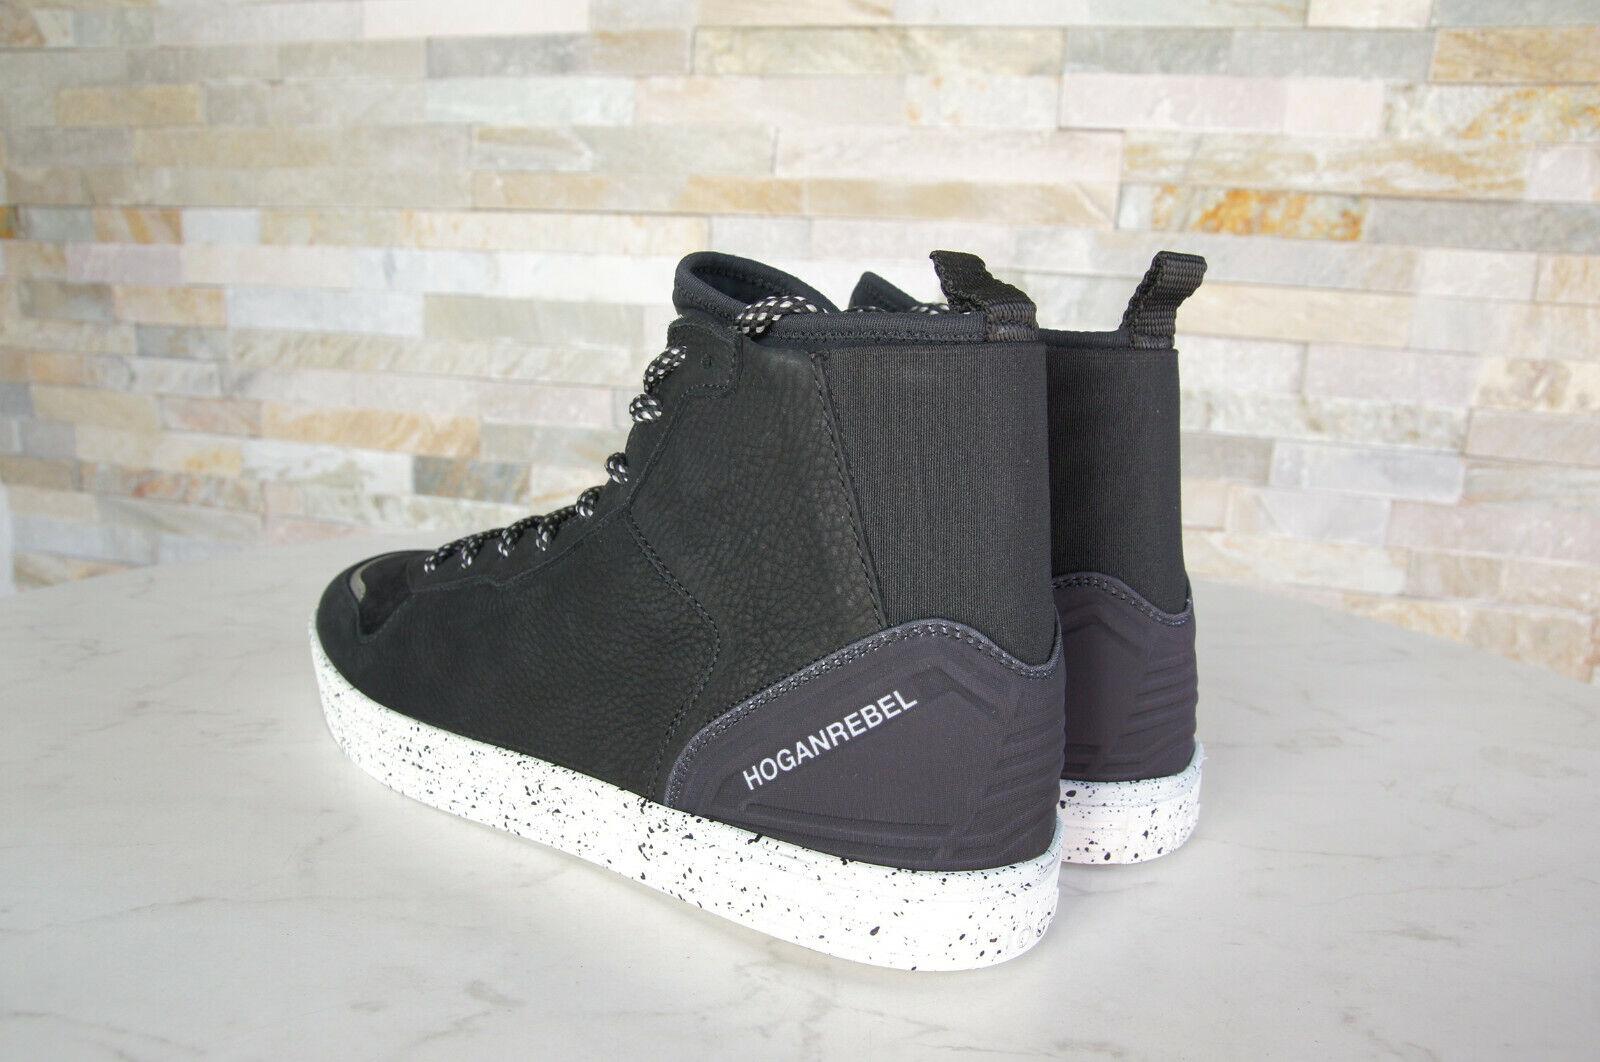 HOGAN 11 45,5 45,5 45,5 High Top scarpe da ginnastica normalissime Nuovo Scarpe Nero ehemuvp   una vasta gamma di prodotti    Uomini/Donne Scarpa  6fa3c3